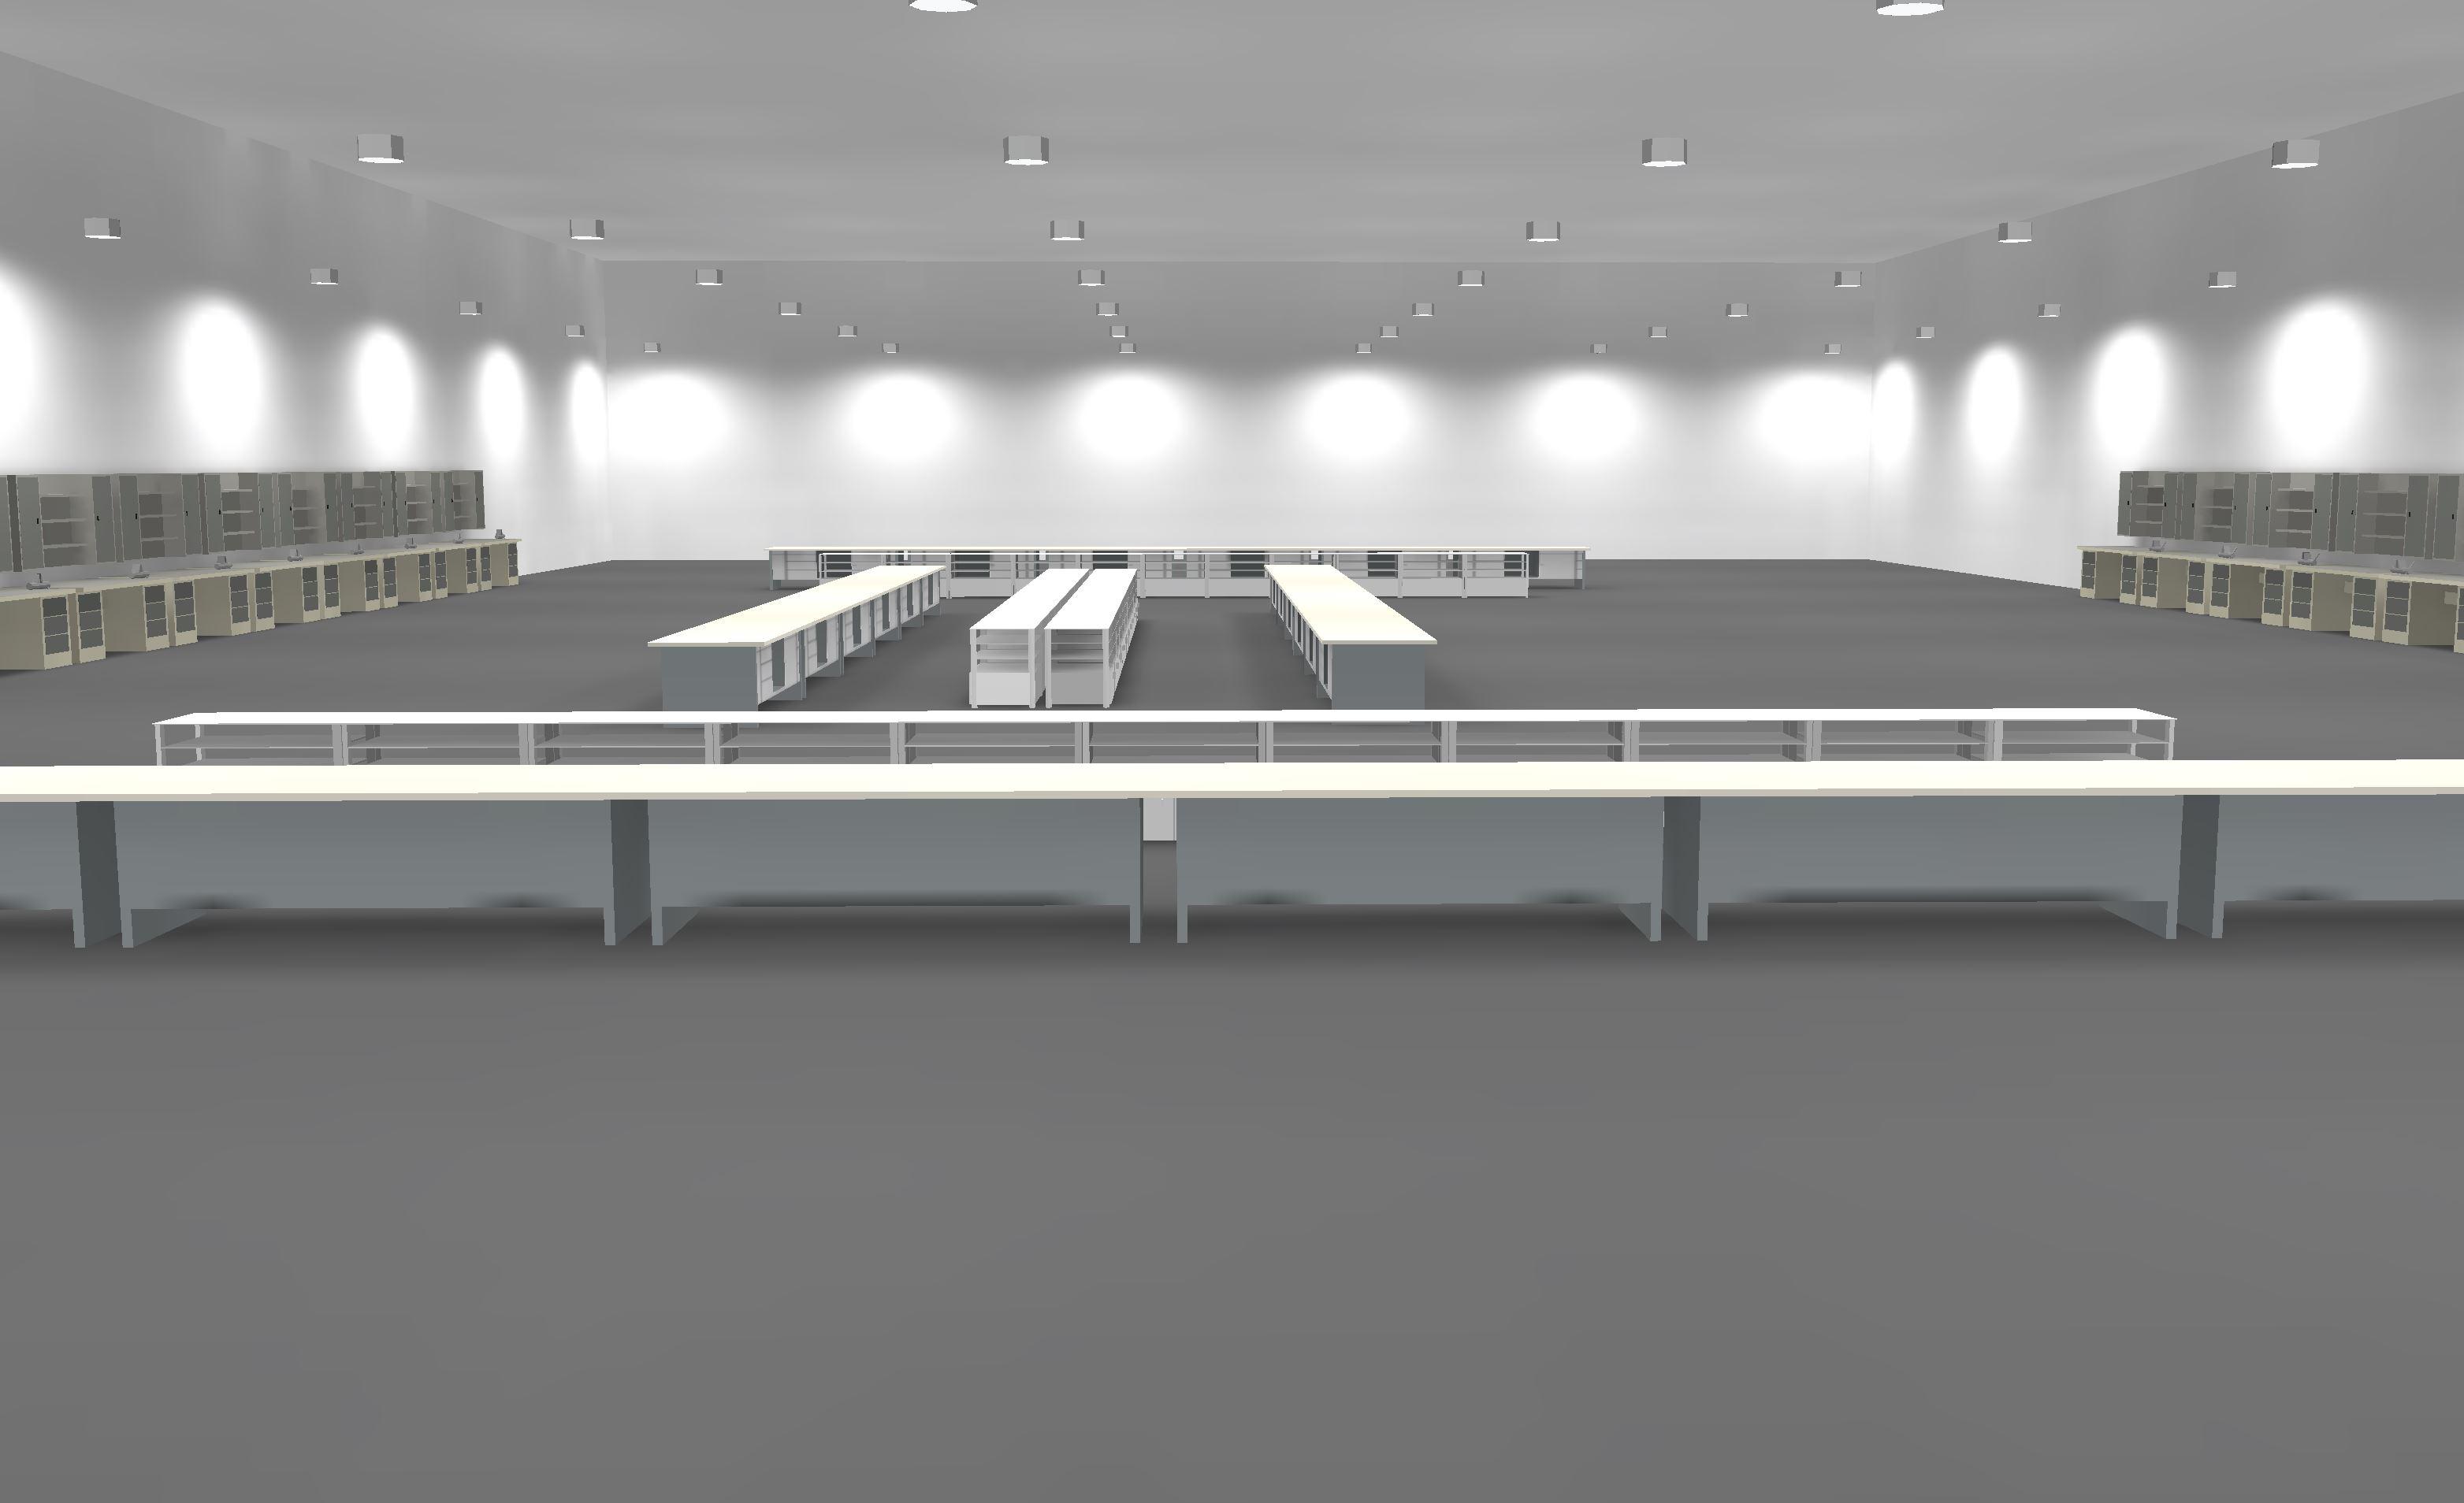 LED Hallenbeleuchtung Musteranlage grobe Montagearbeiten Lichtberechnung